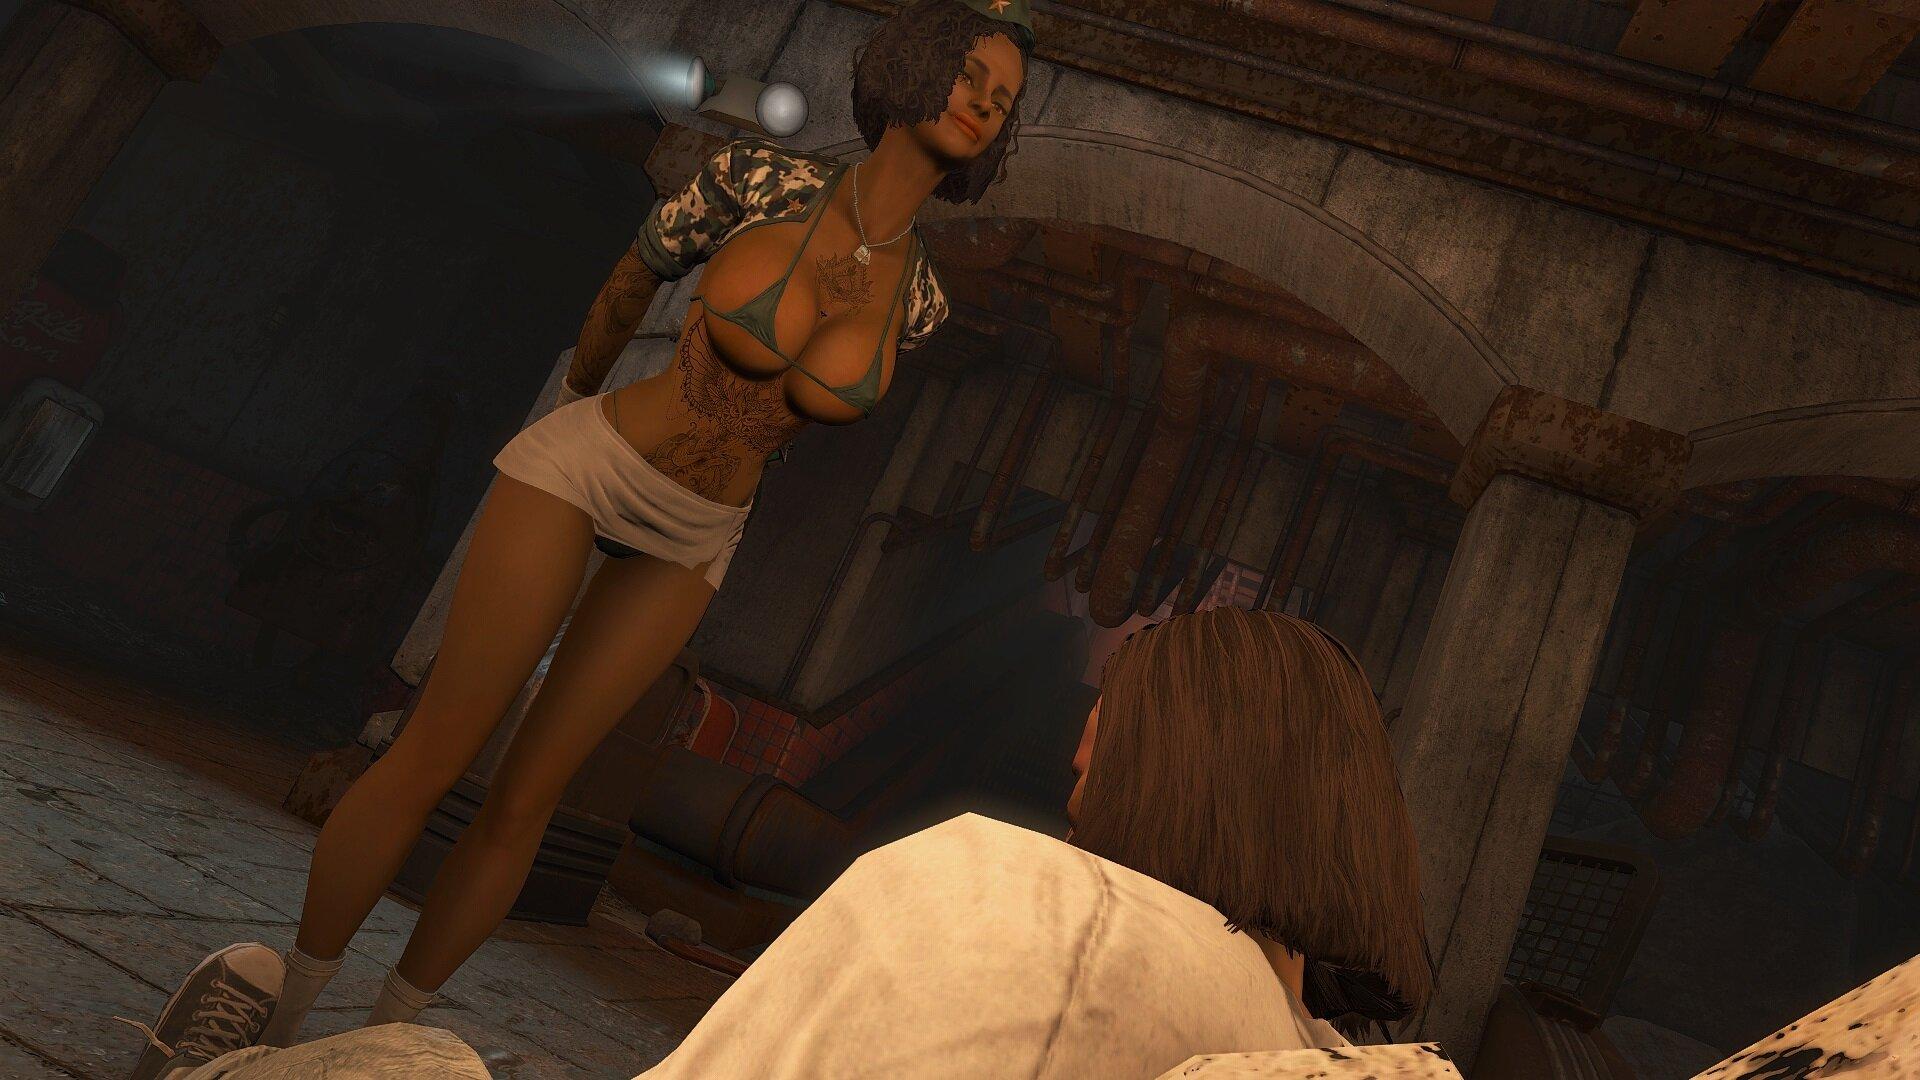 Fallout4 Семье угрожали, серьёзно? )